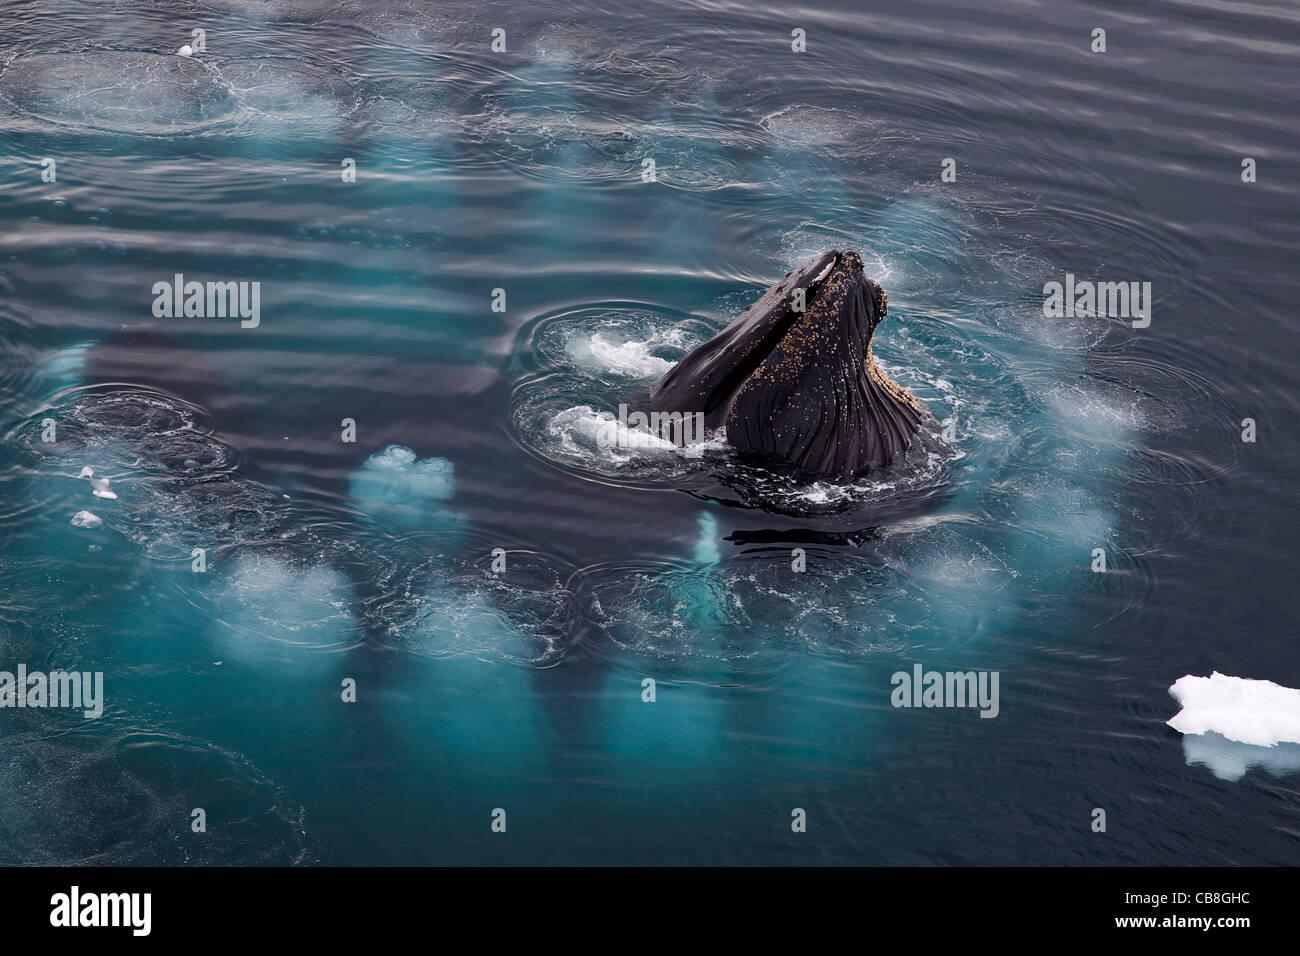 Les baleines à bosse (Megaptera novaeangliae) alimentation de filet à bulles en soufflant de l'anneau Photo Stock